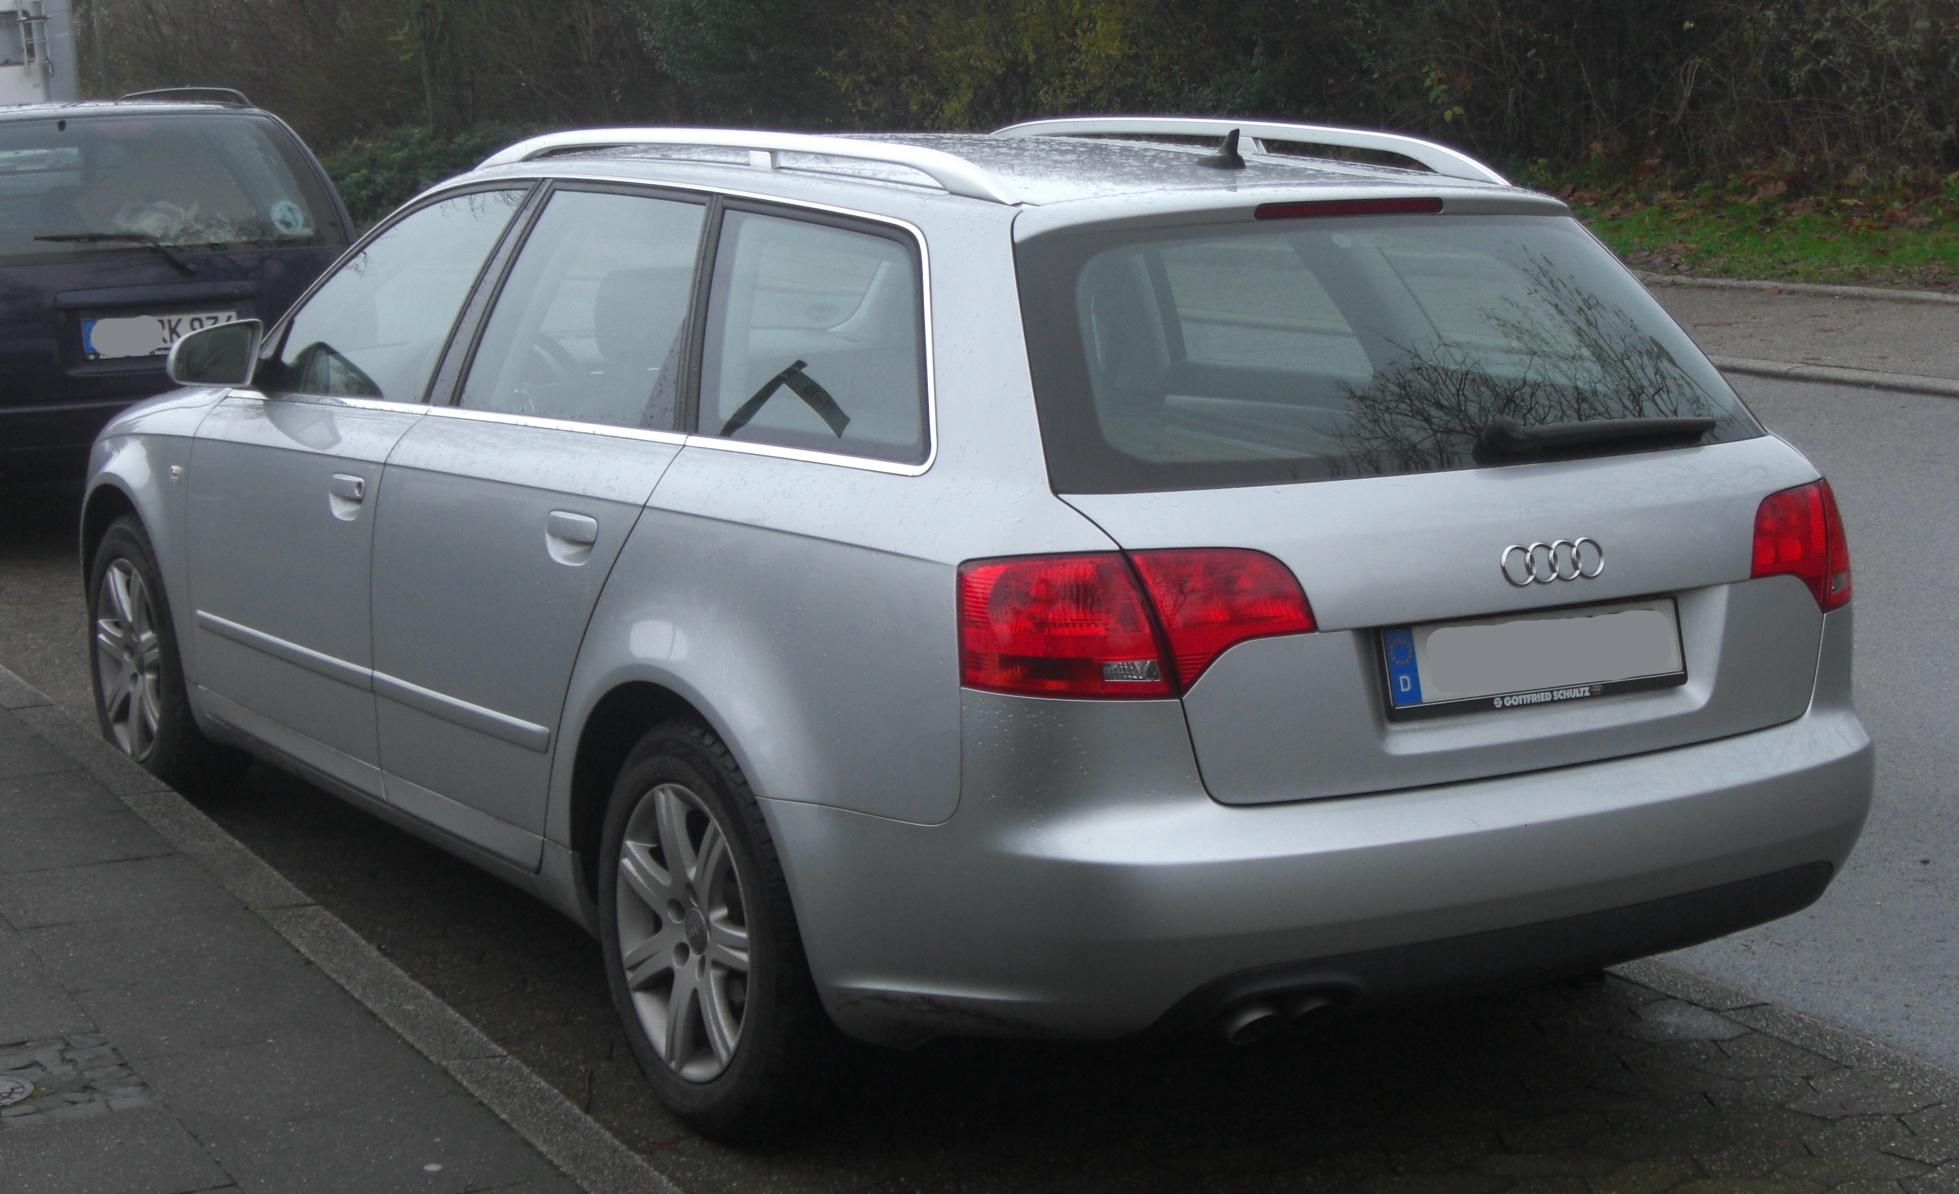 File Audi A4 Tdi Avant B7 Facelift 2004 2008 Rear Mj